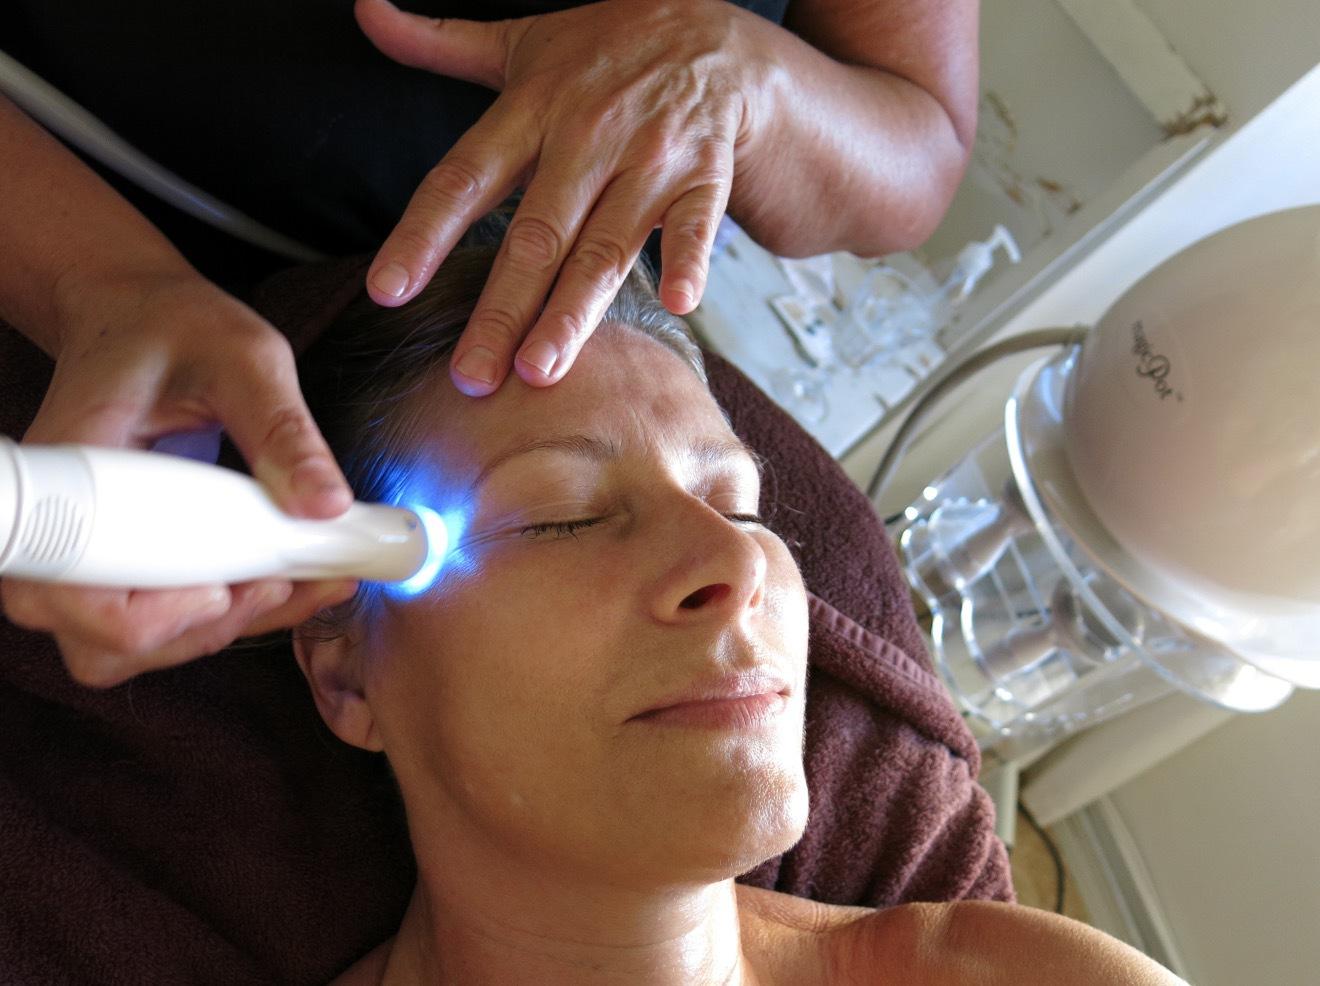 Magic Pot är en ansikstbehandling som har ledljus, radiofrekvens och vakum i en och samma munstycke och som ger värme djupt ner i huden